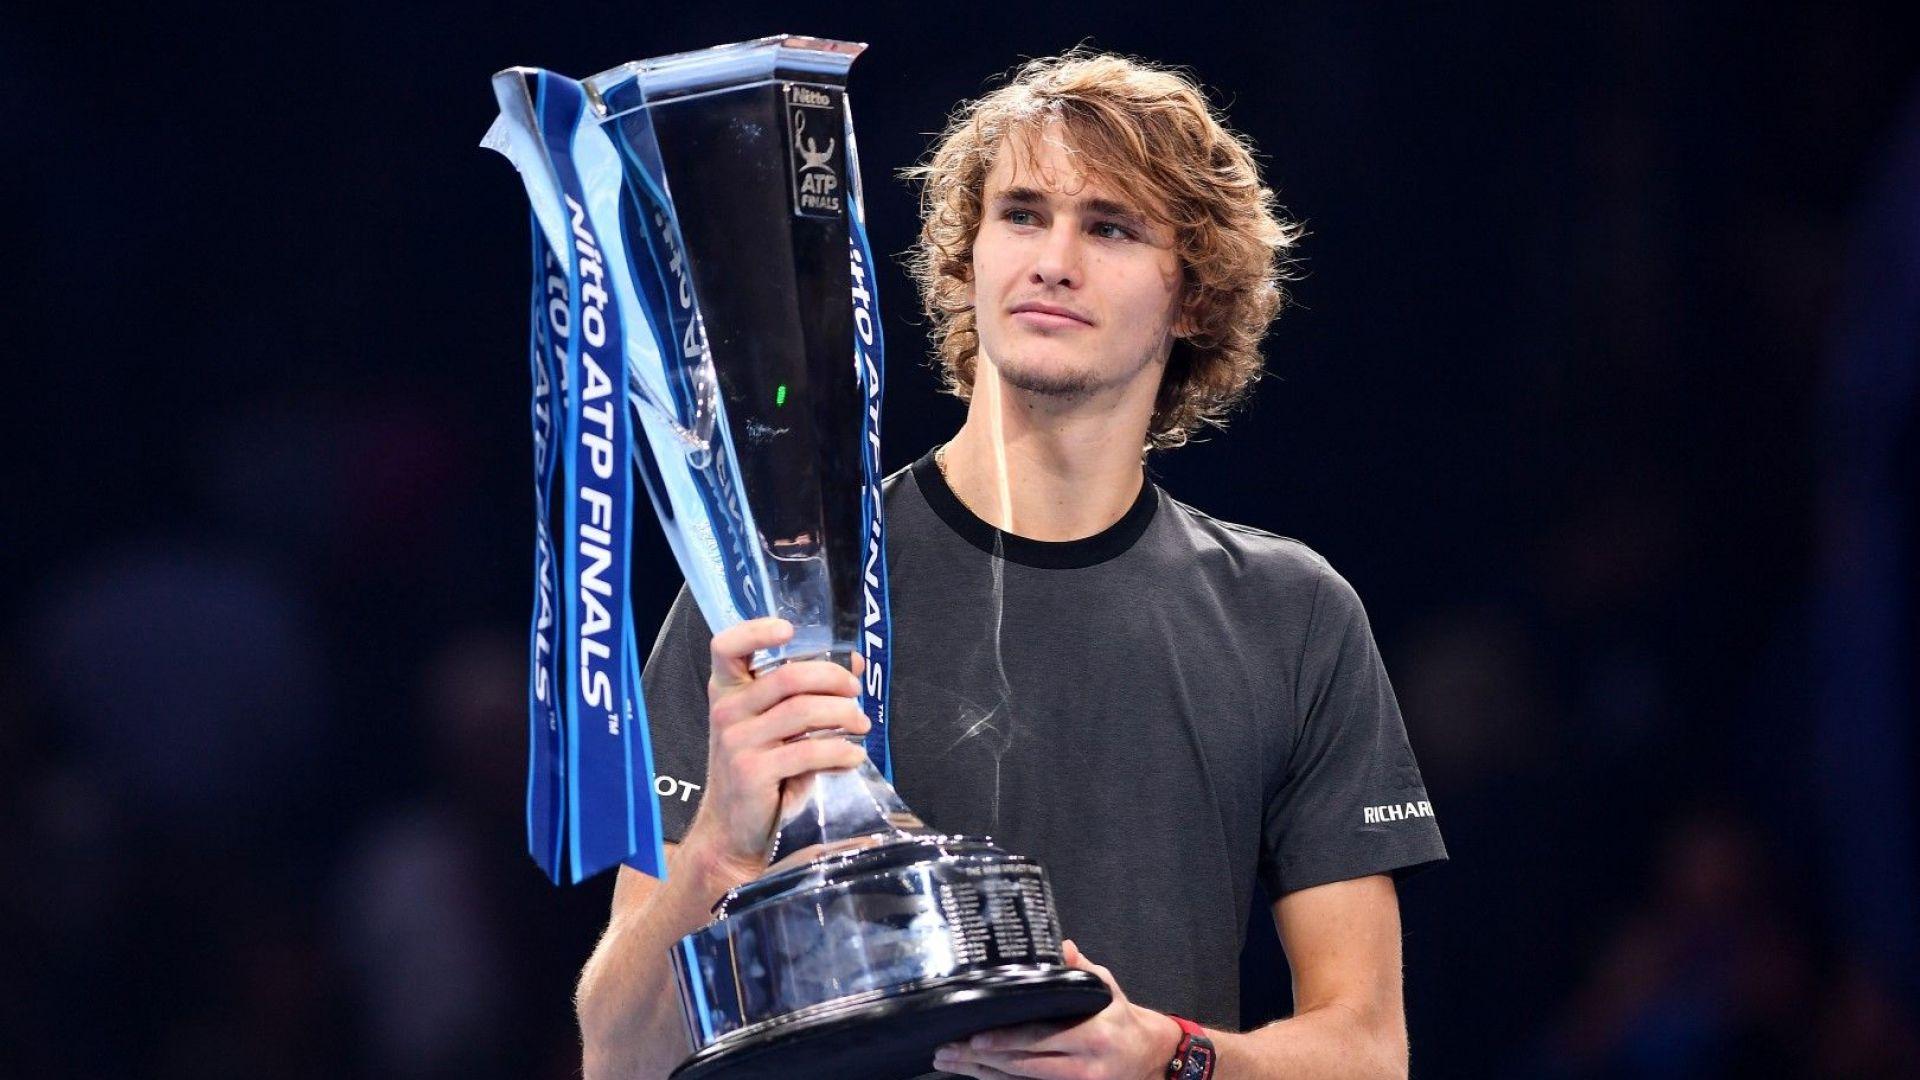 Зверев на 21 е по-успешен от Федерер (статистика)